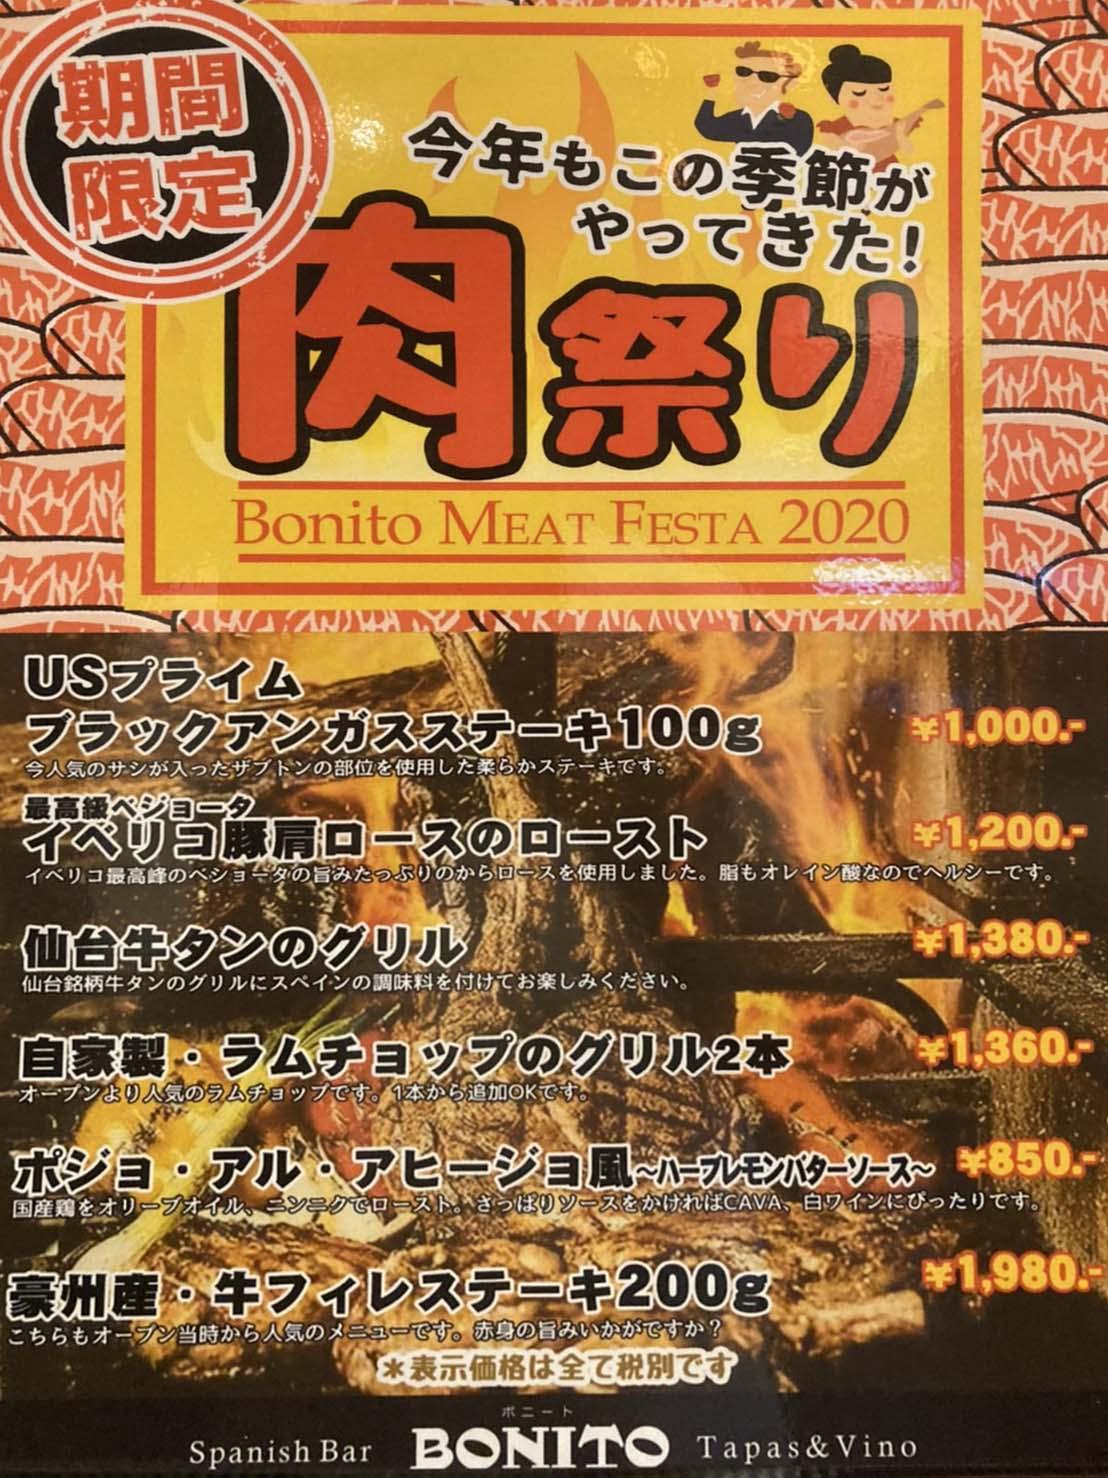 【期間限定】肉祭りpage-visual 【期間限定】肉祭りビジュアル